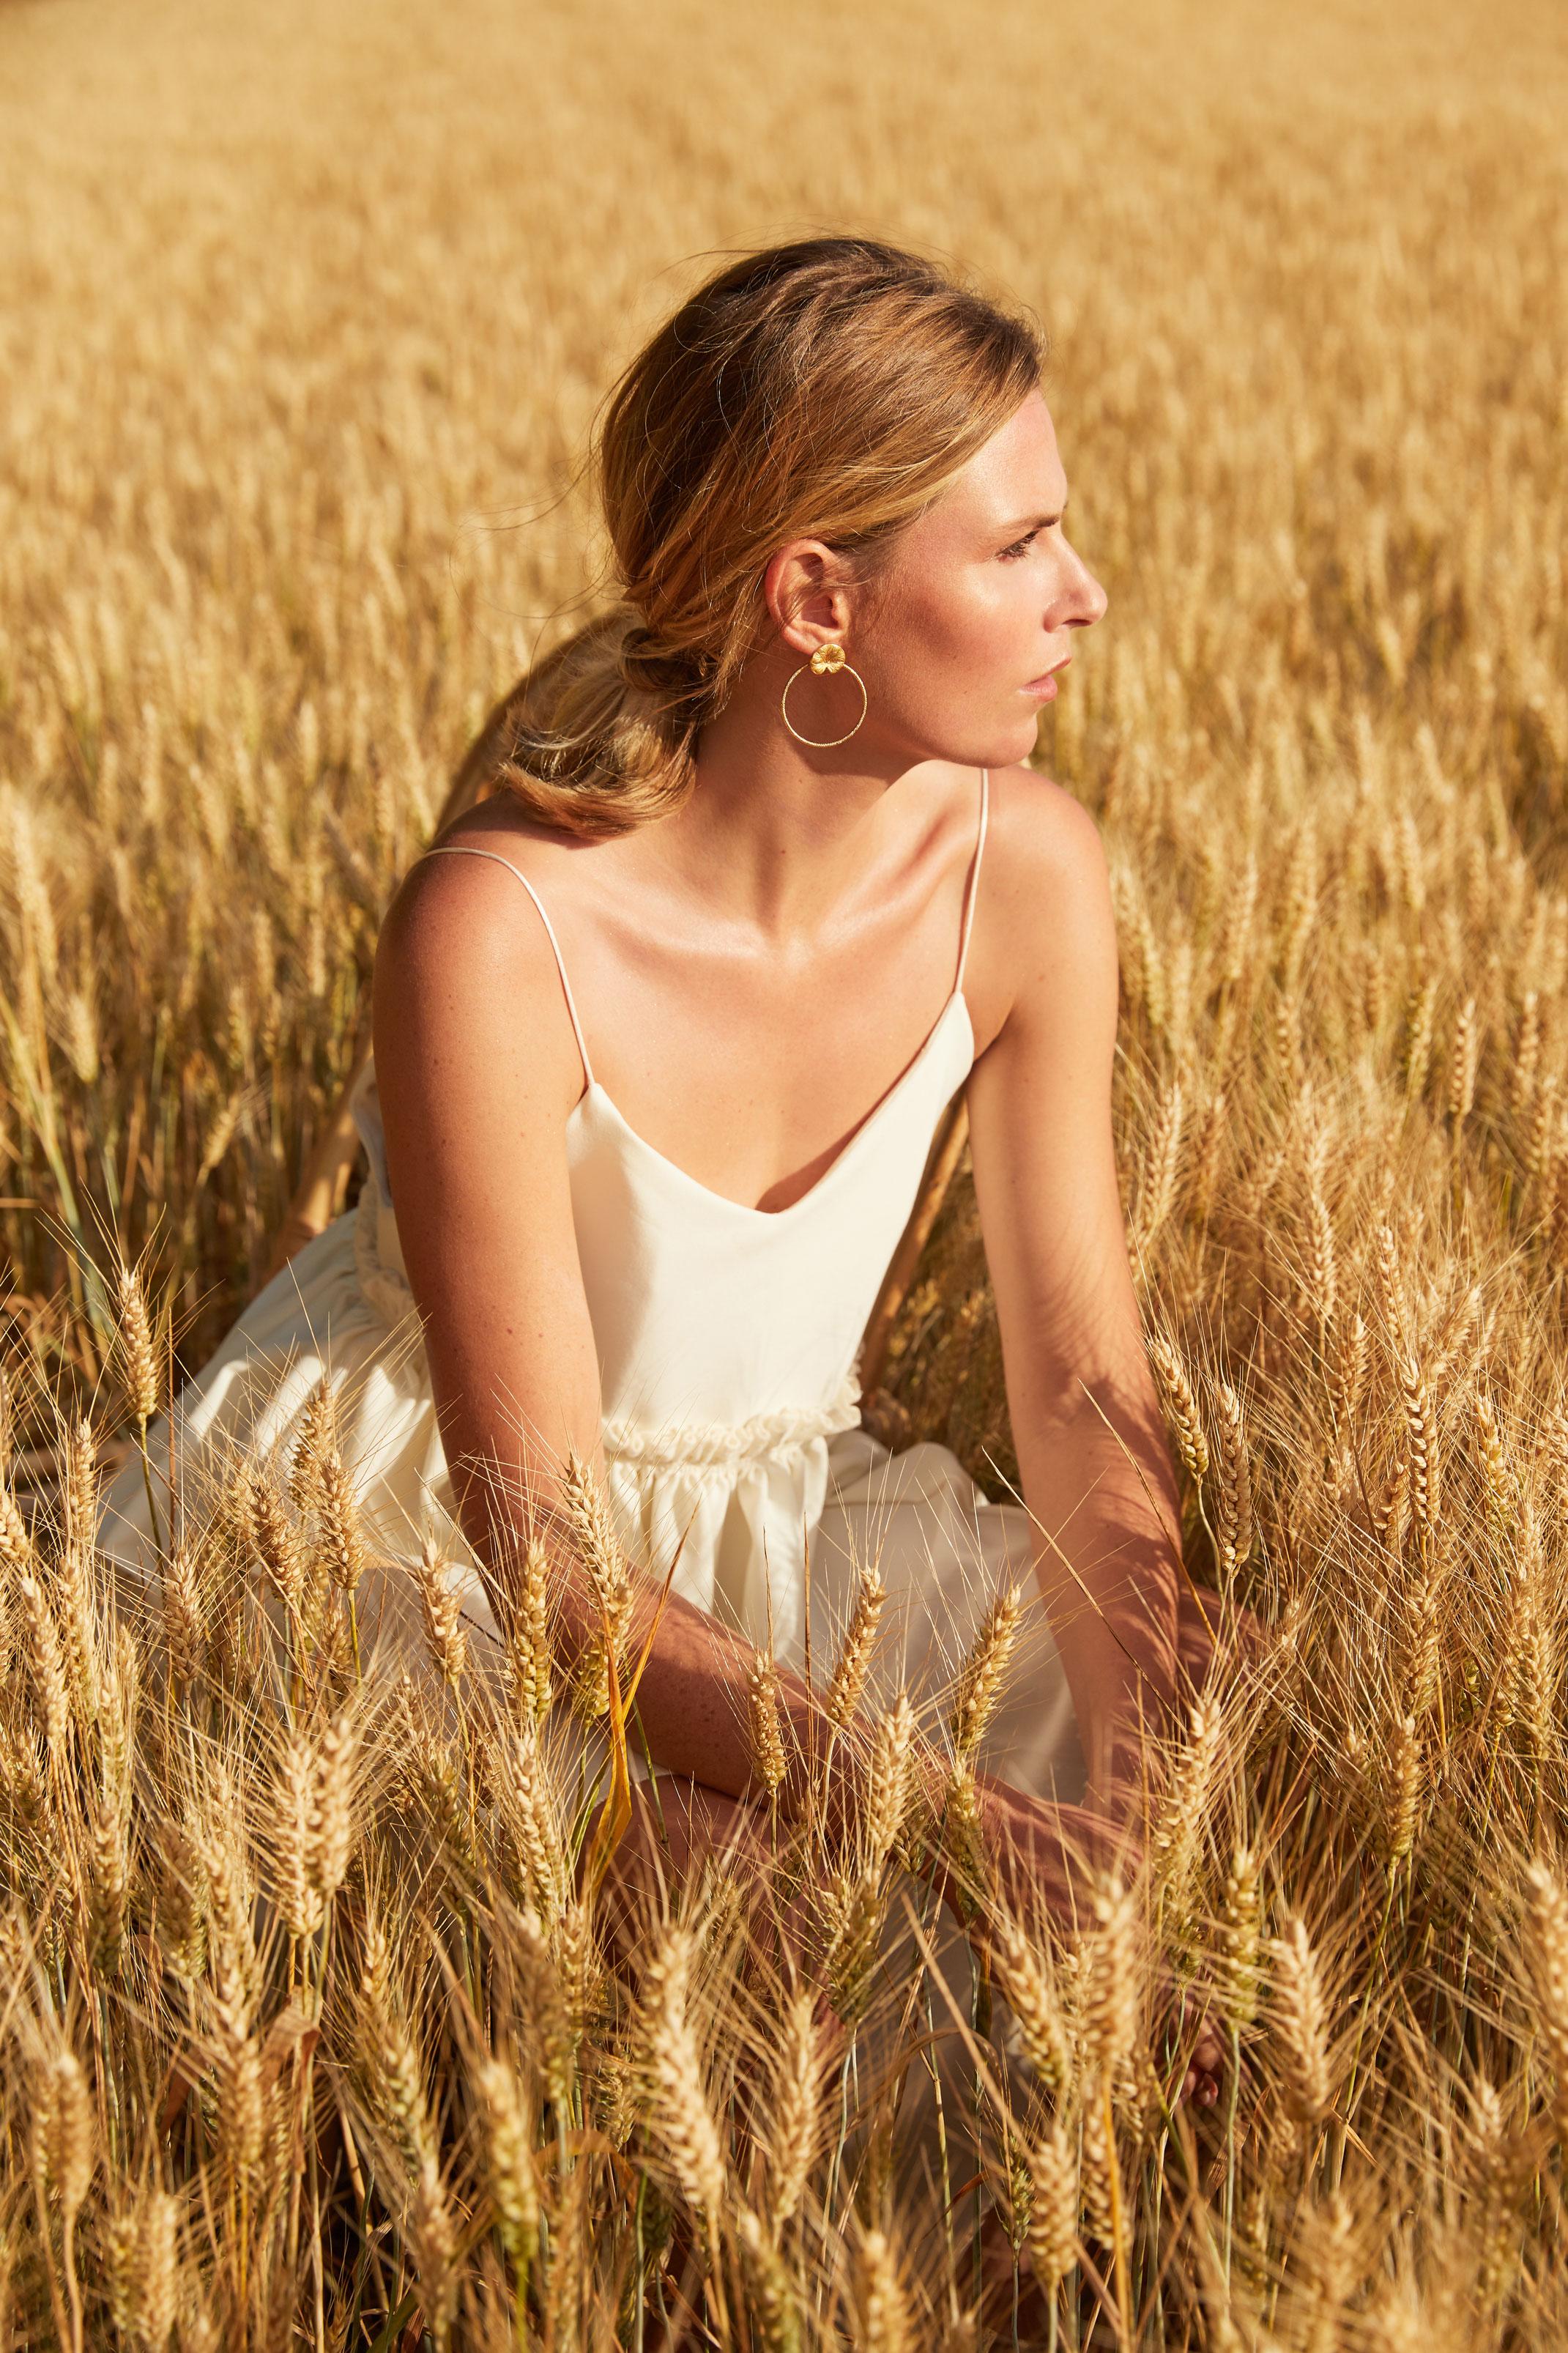 photographe professionnel mode et beauté avec mannequin